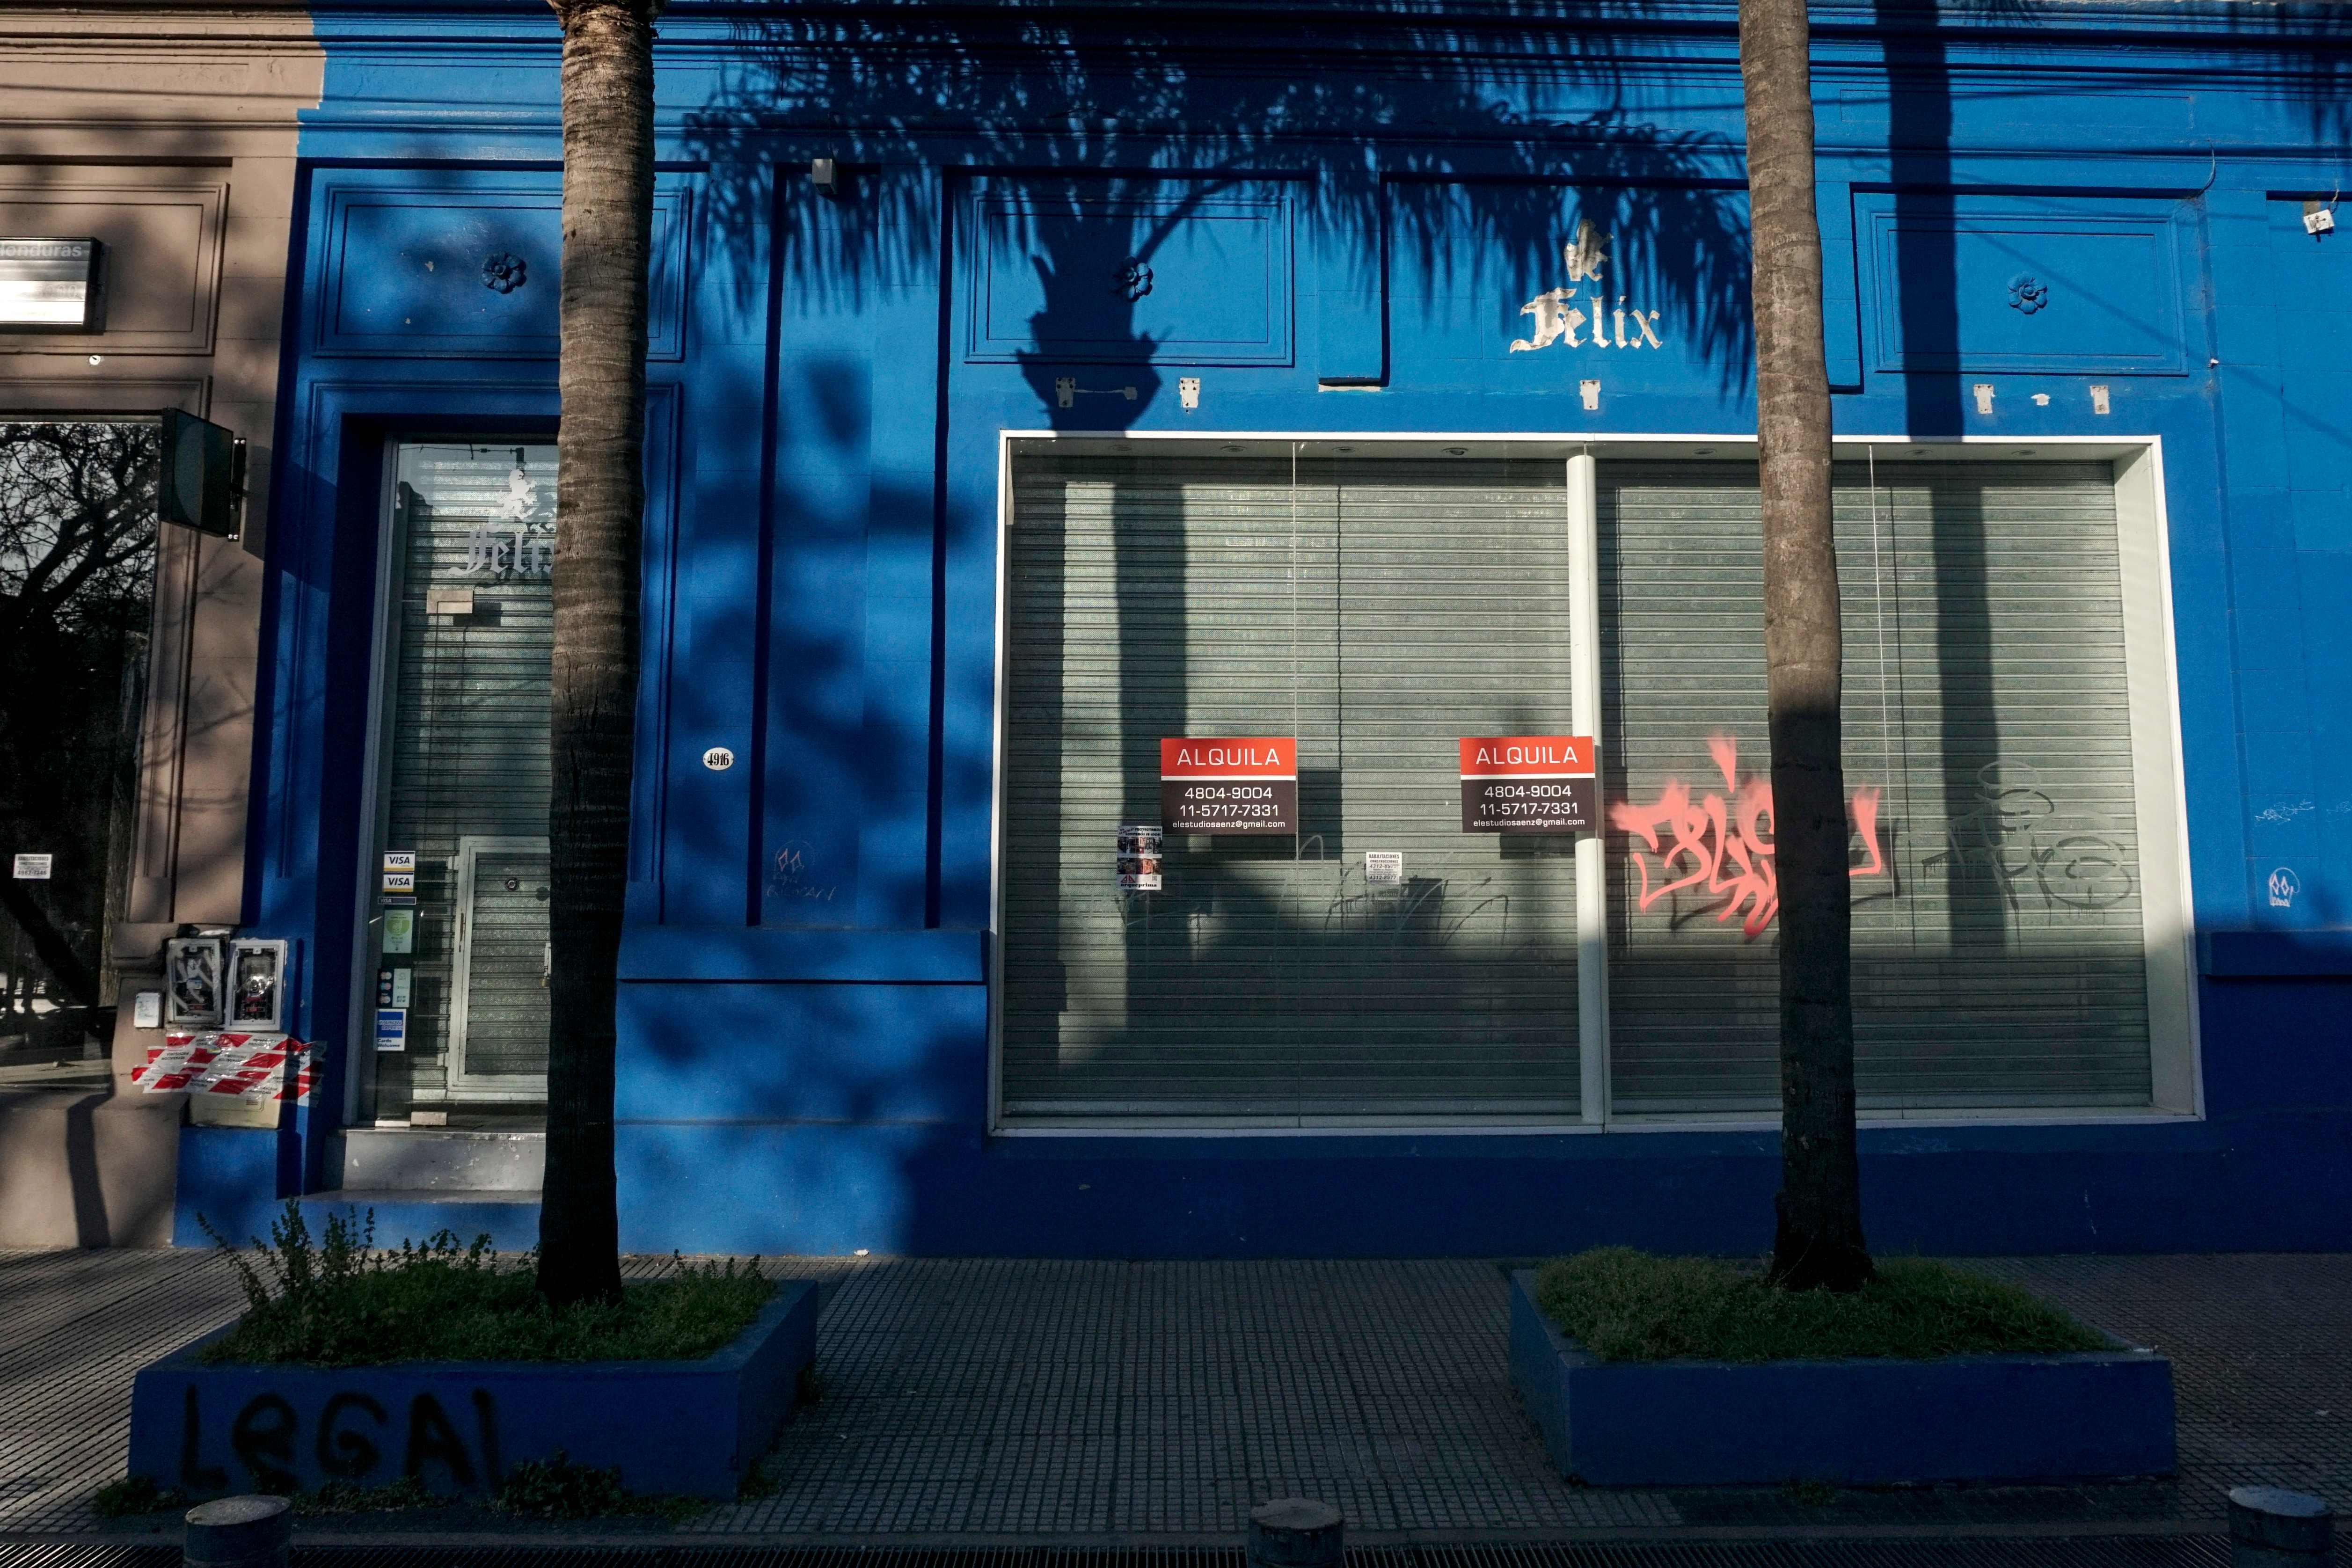 محل مغلق بسبب الازمة الاقتصادية